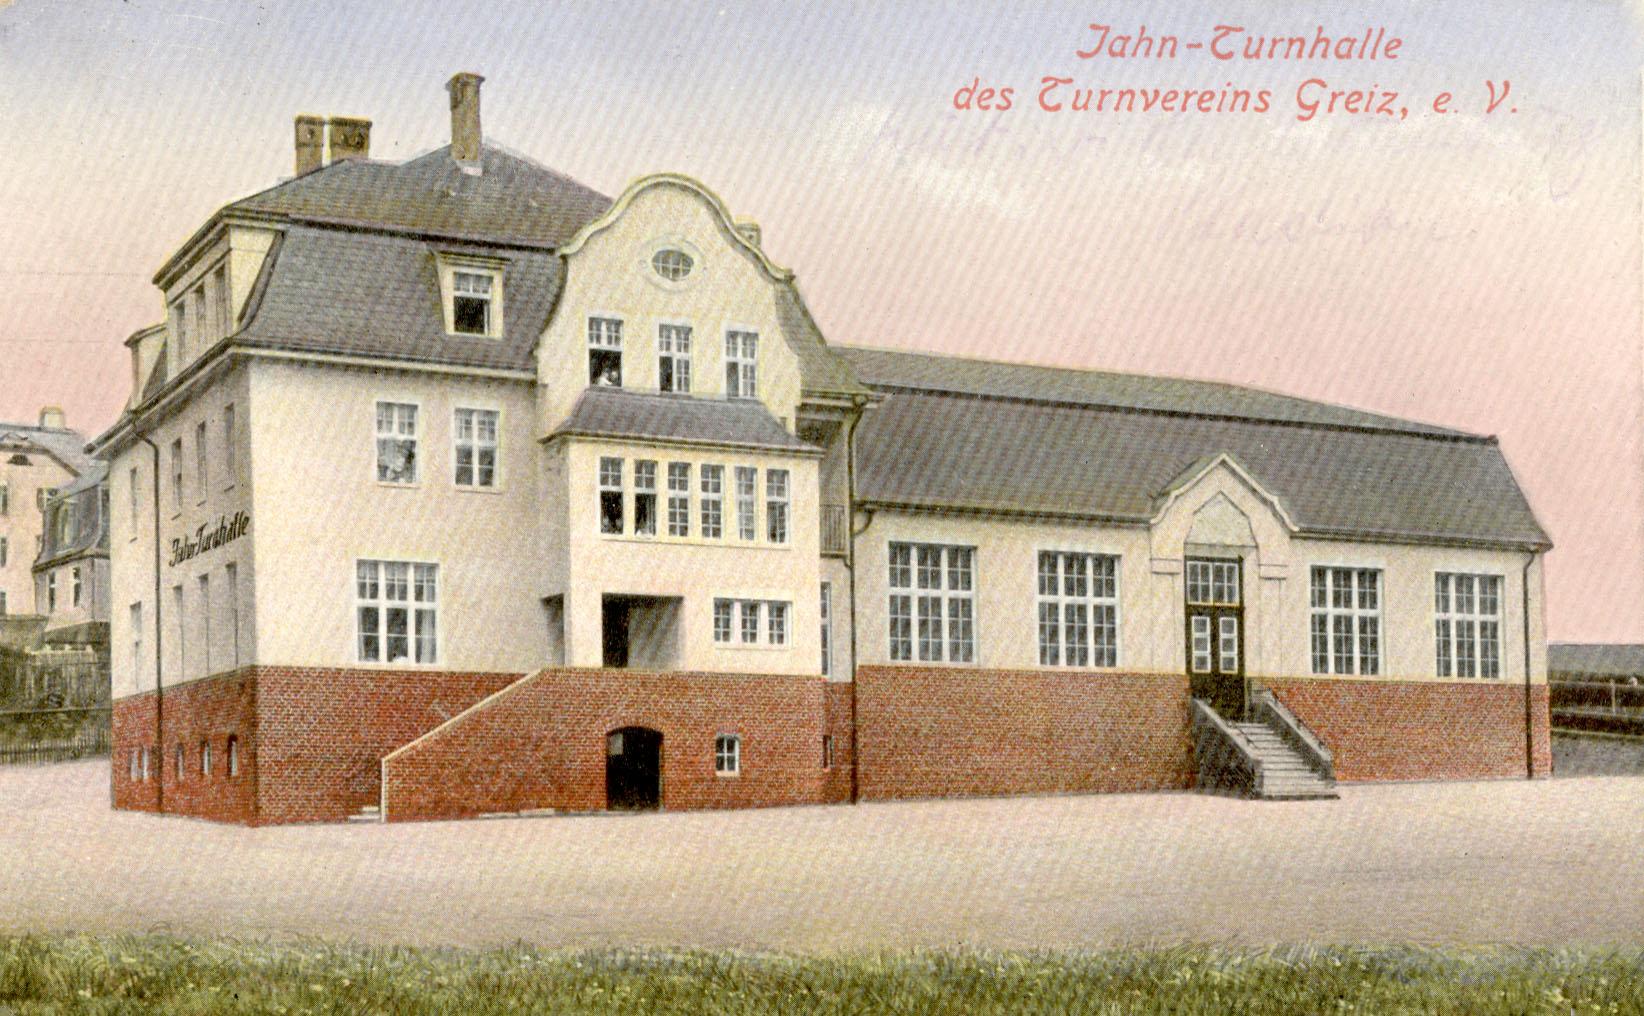 Jahnturnhalle